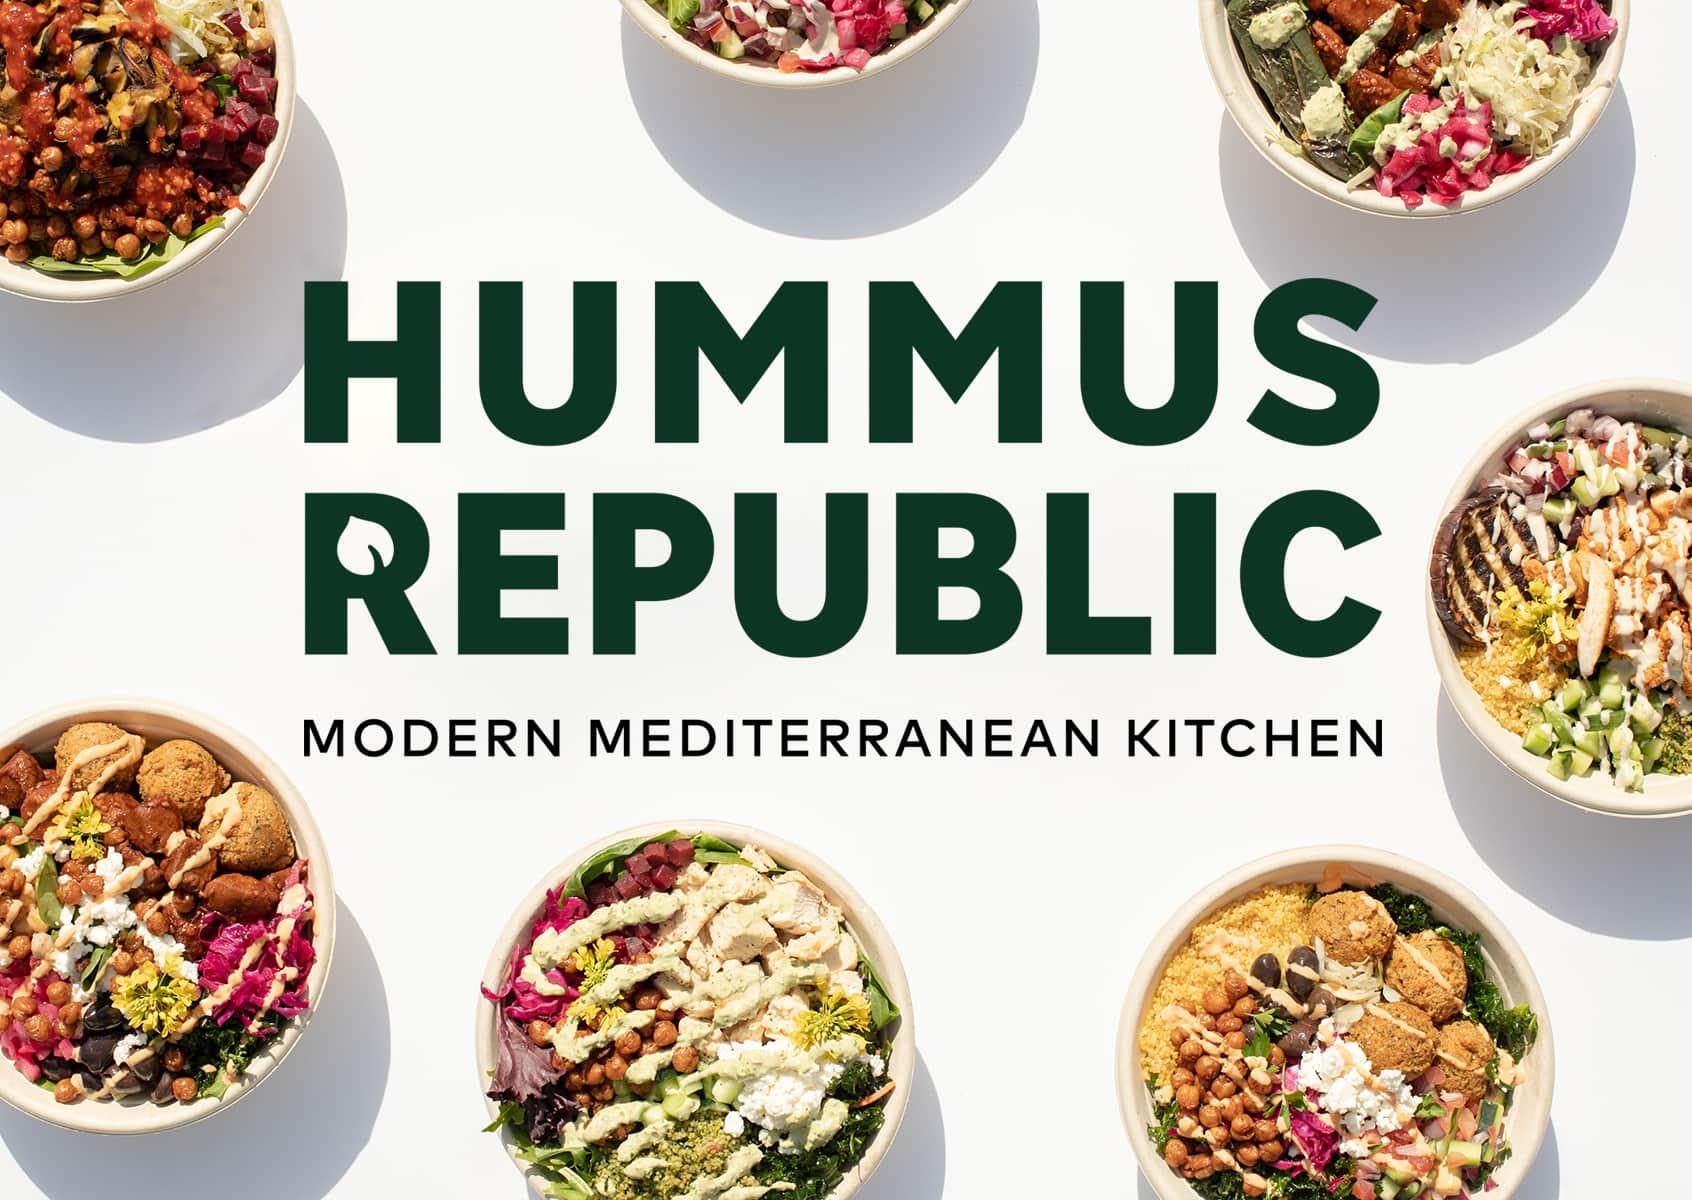 Hummus Republic